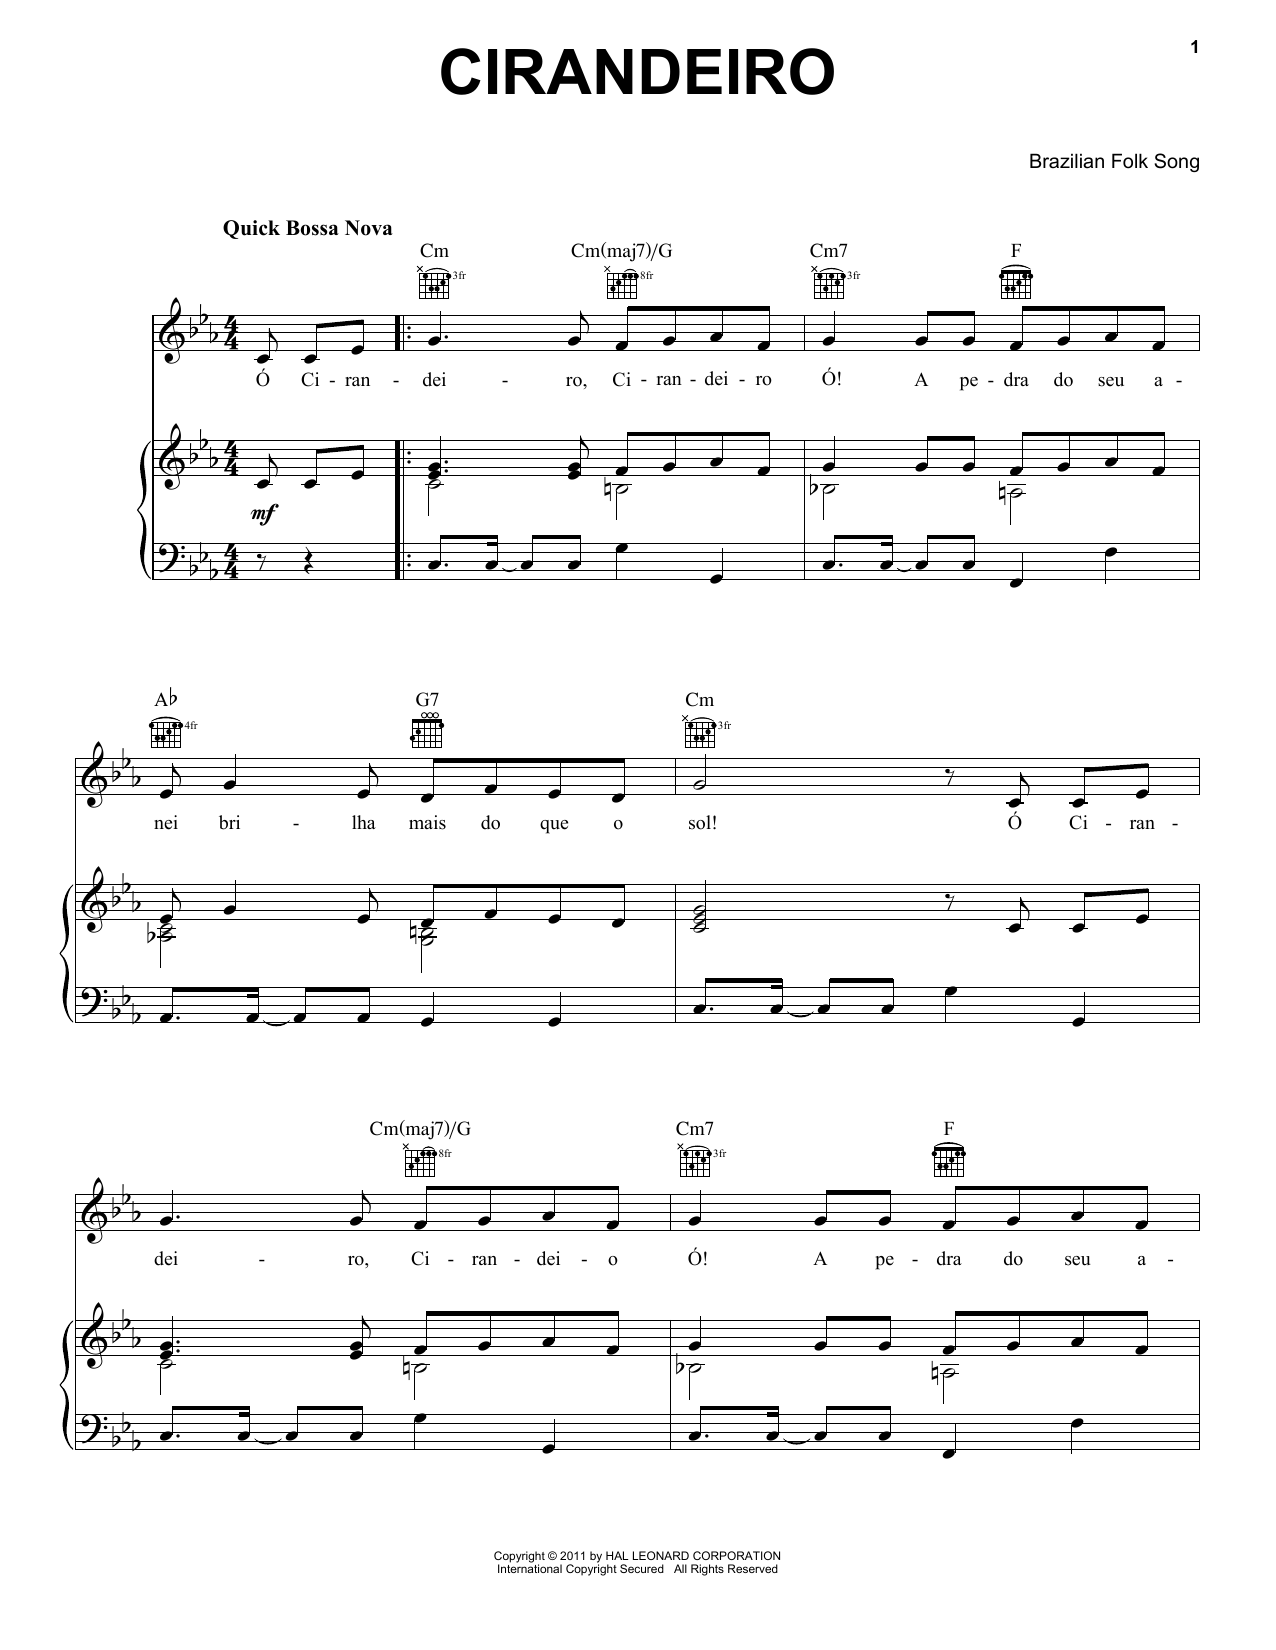 Cirandeiro sheet music for voice, piano or guitar by Brazilian Folk Song